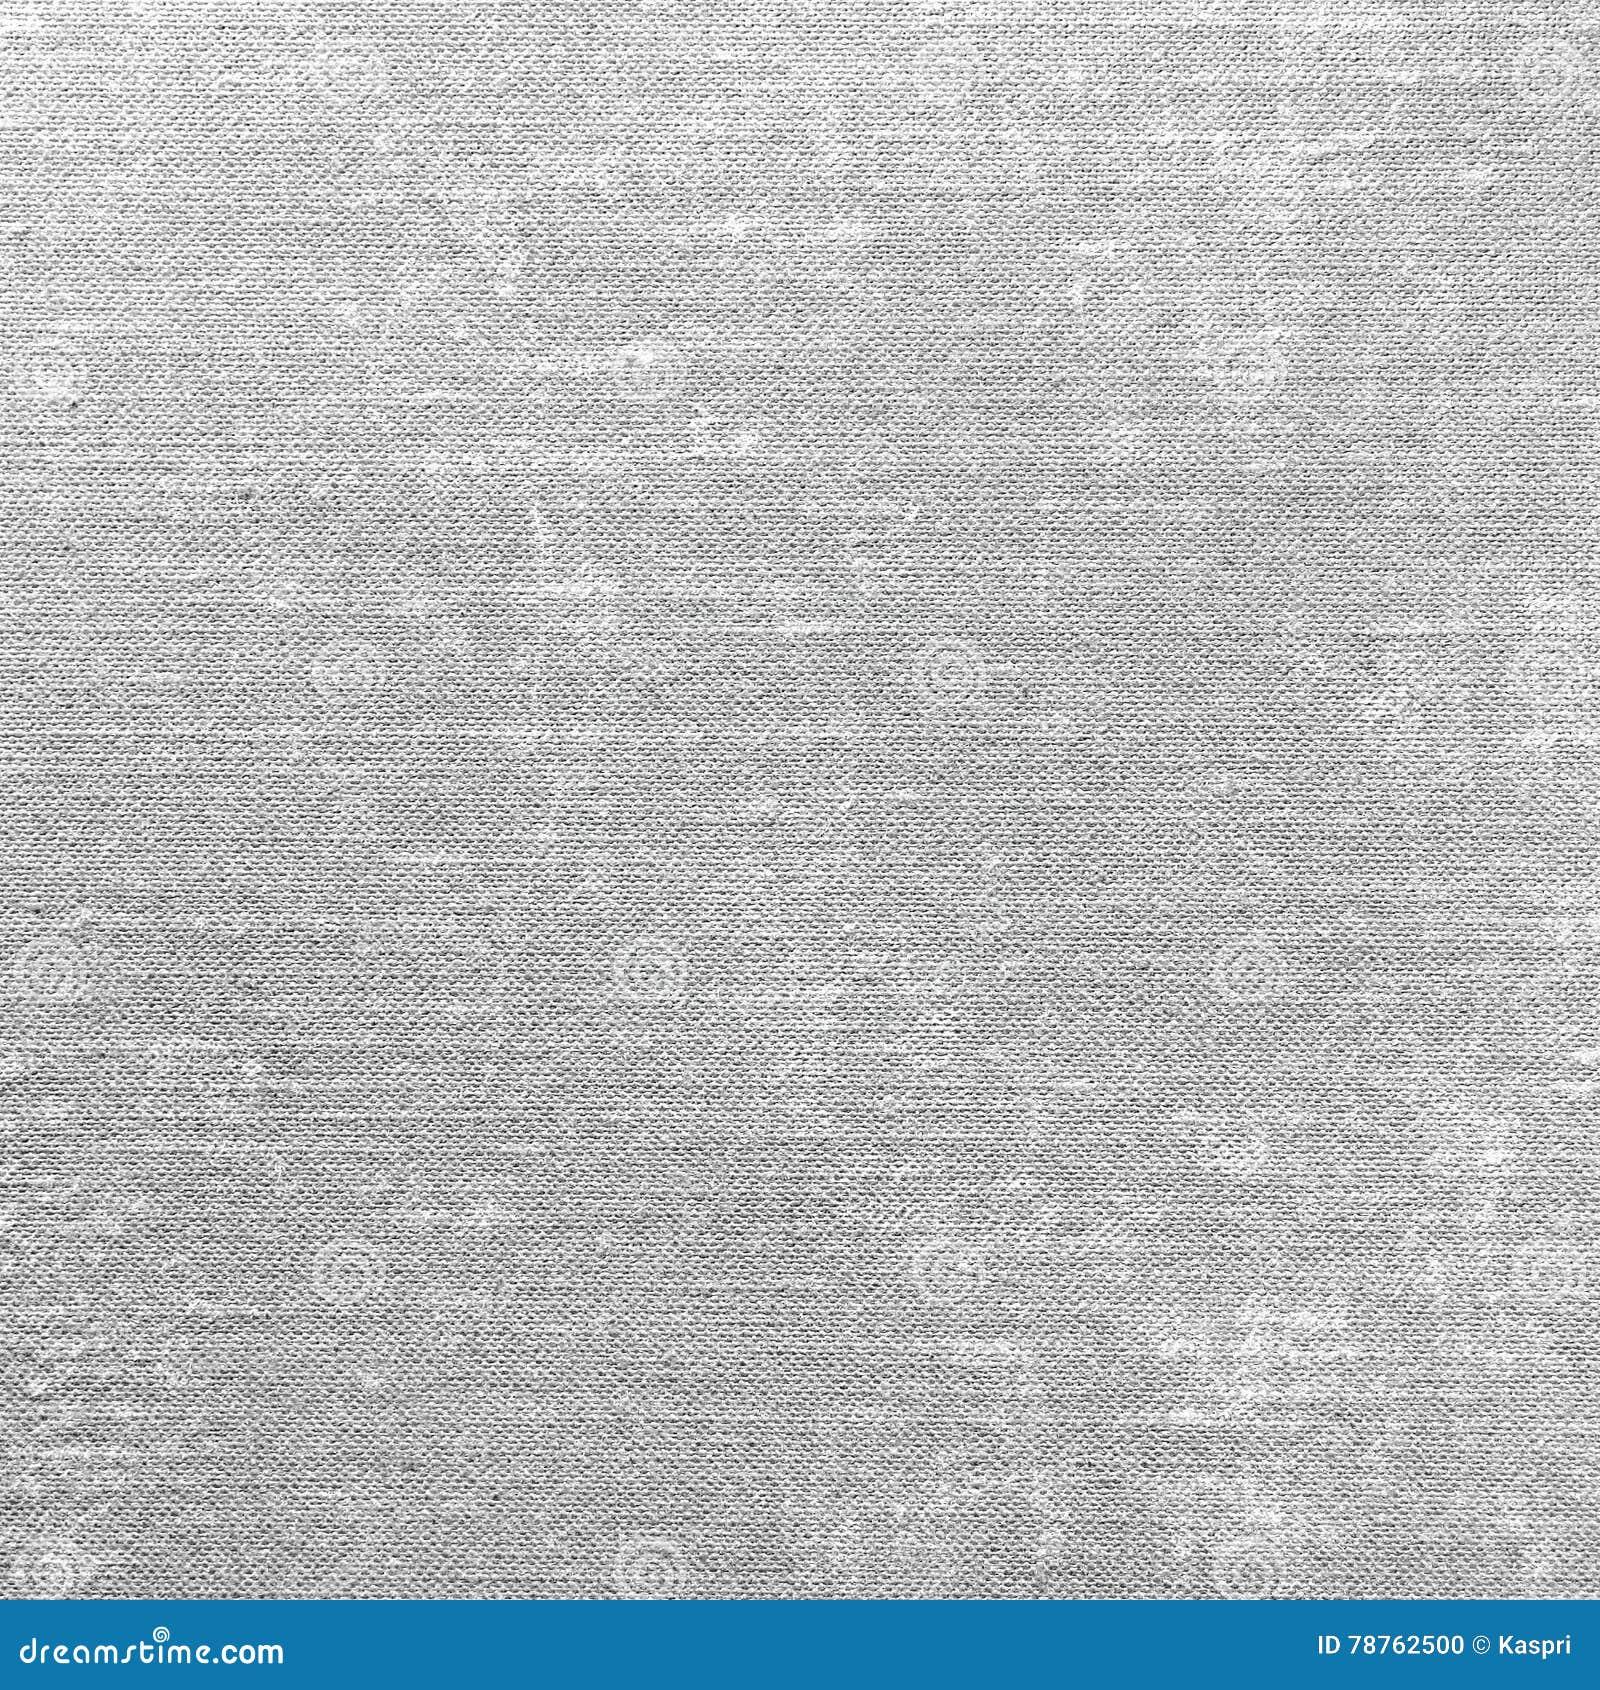 Grey Grunge Linen Texture, modello di Gray Textured Burlap Fabric Background, grande macro primo piano dettagliato